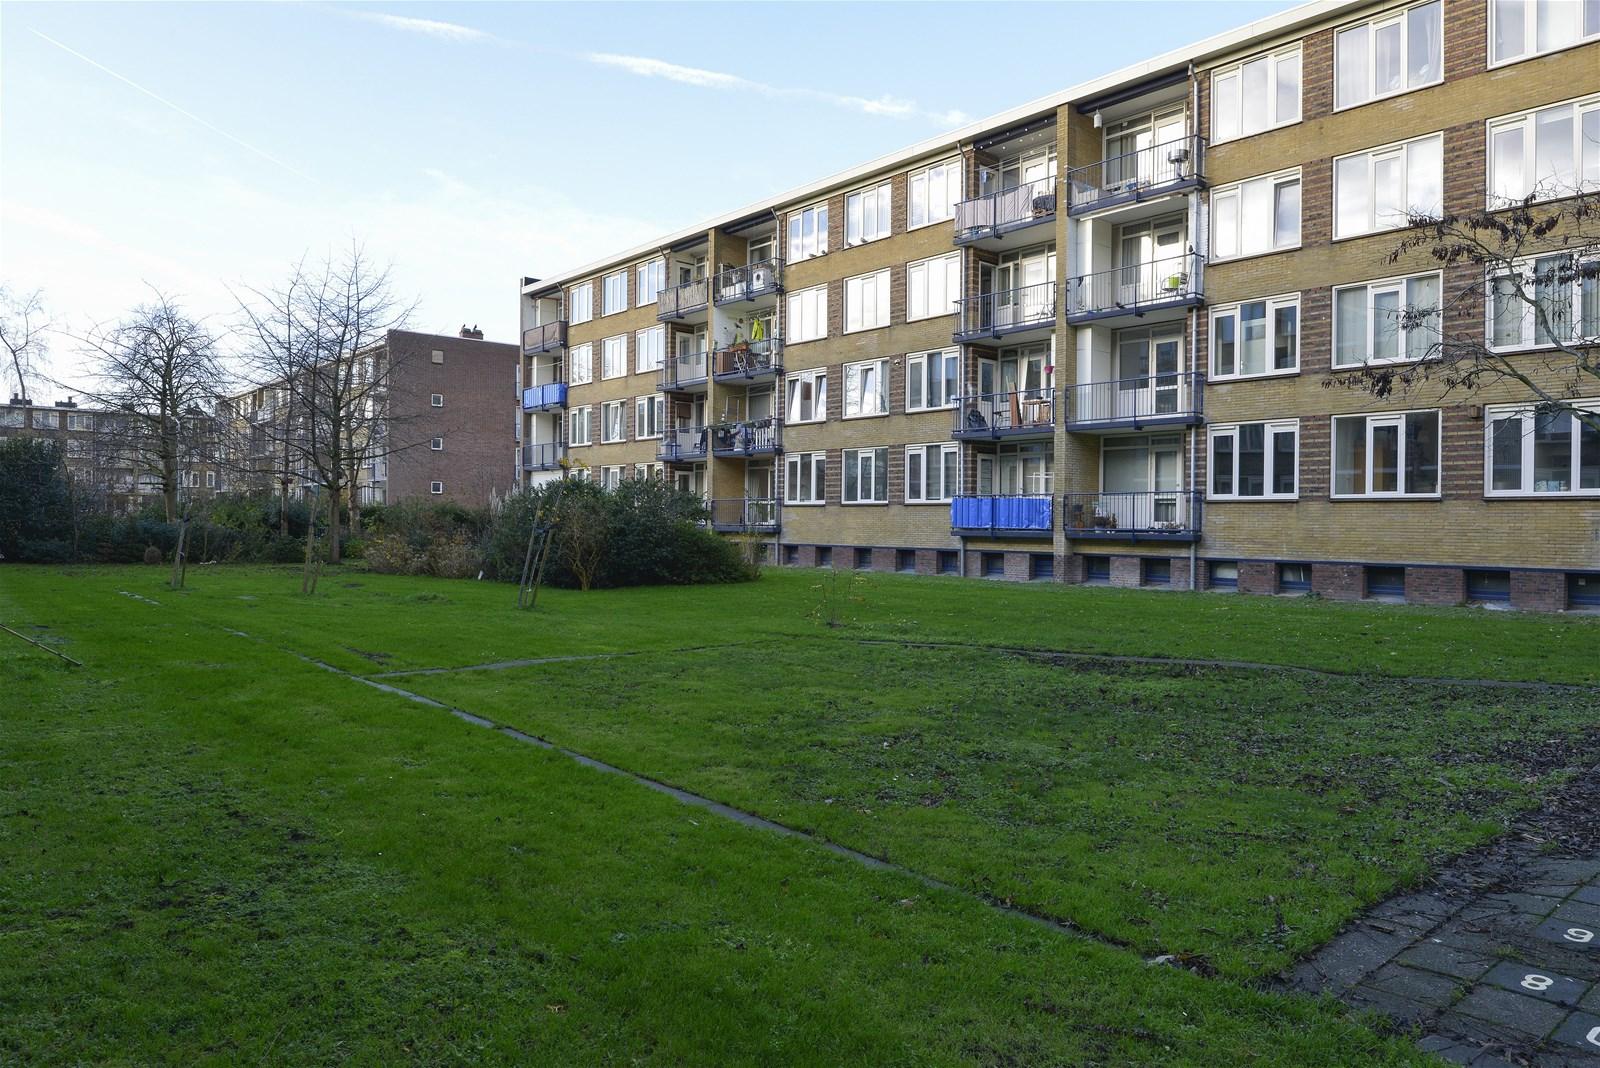 Willem de Merodestraat 66